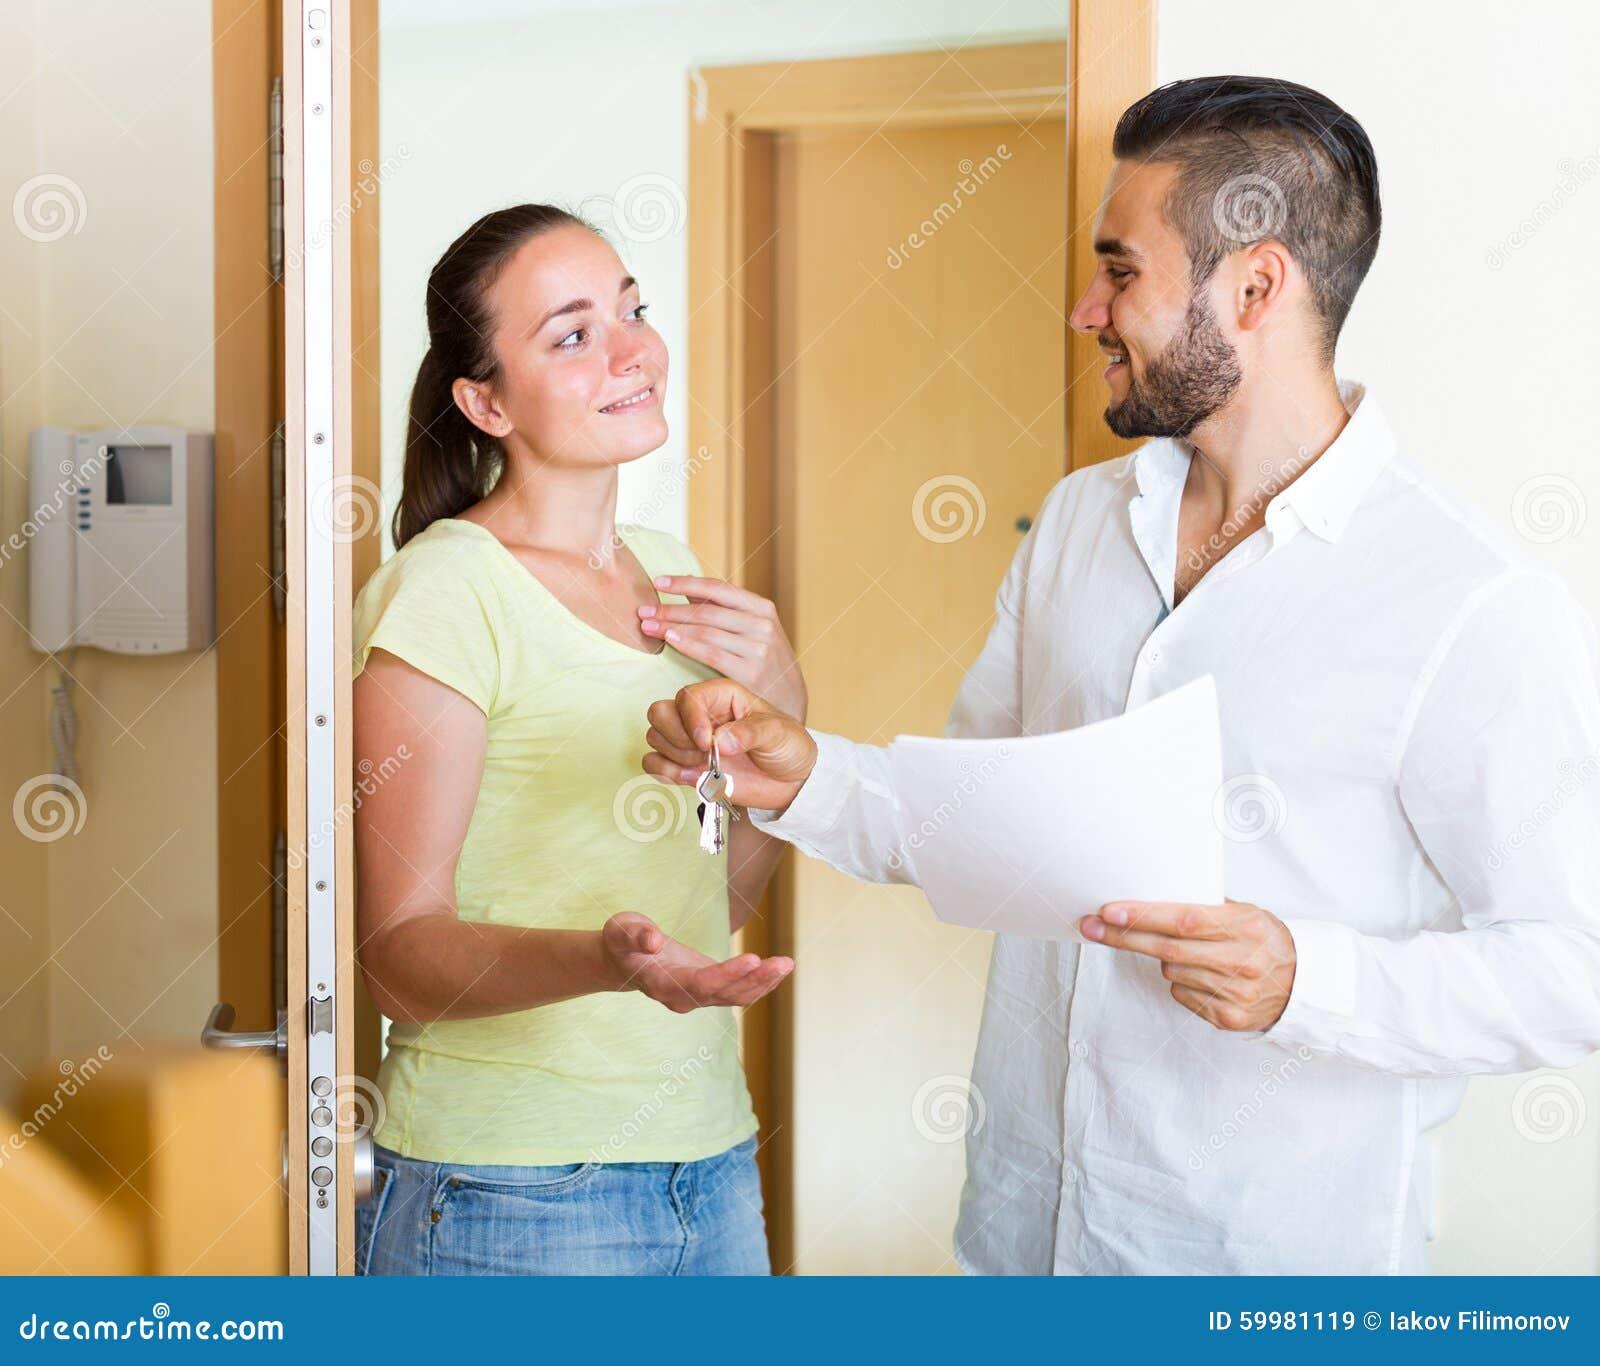 Ehemann, der die Schlüssel zur Wohnung gibt